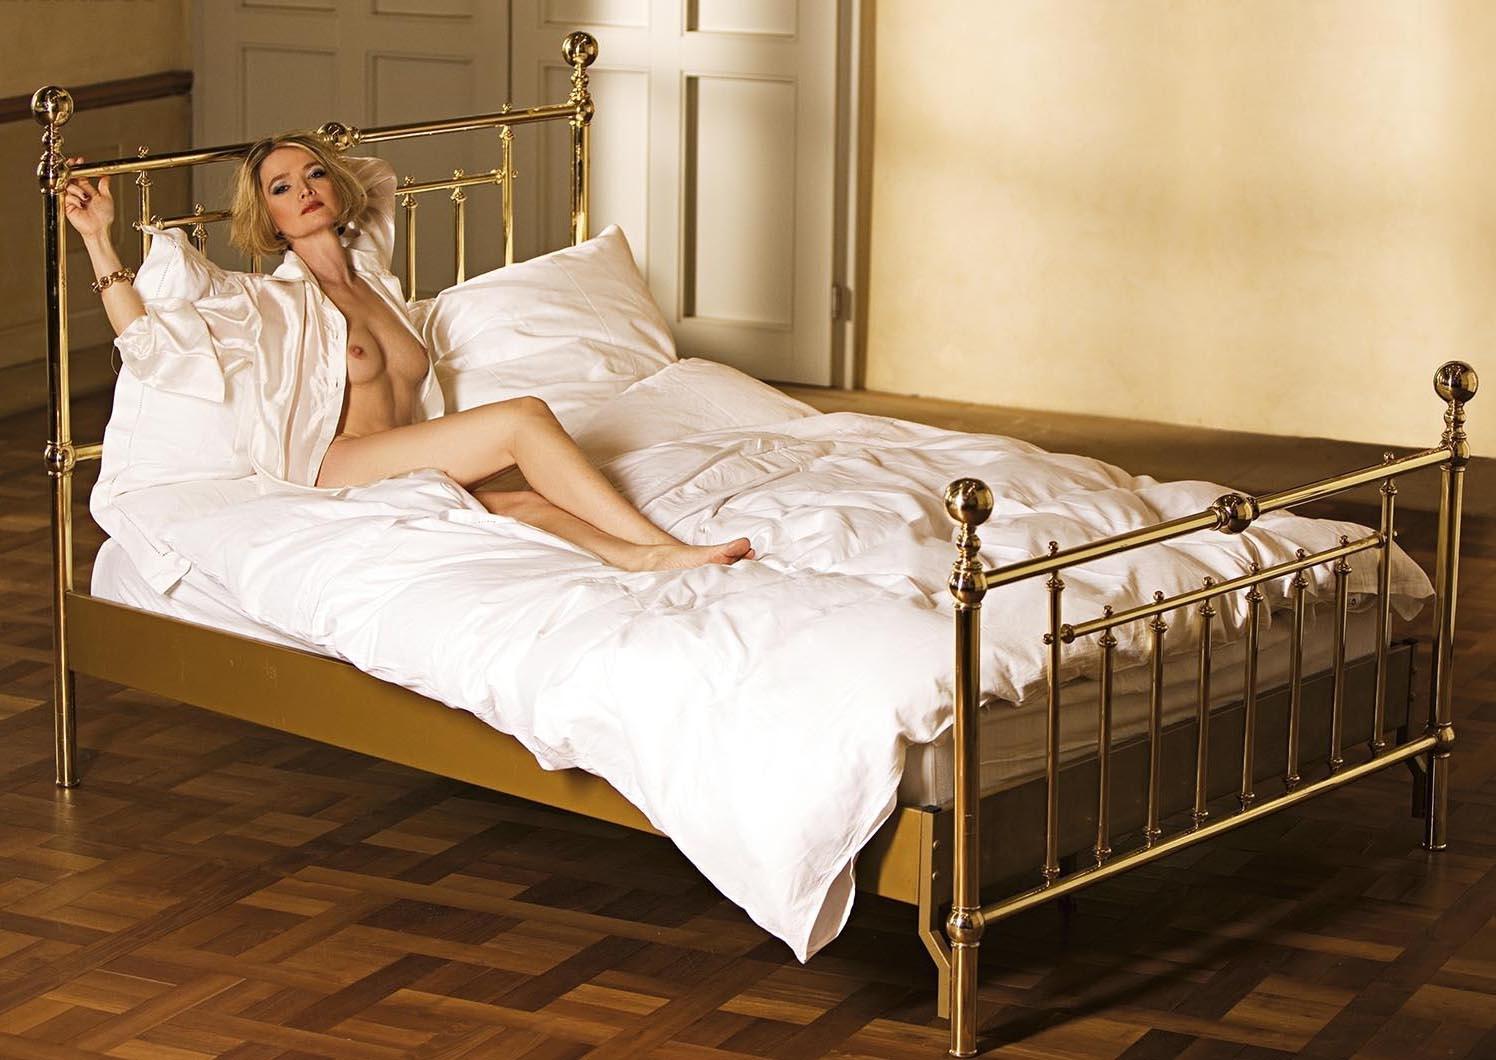 Юлия Бидерман голая. Фото - 1